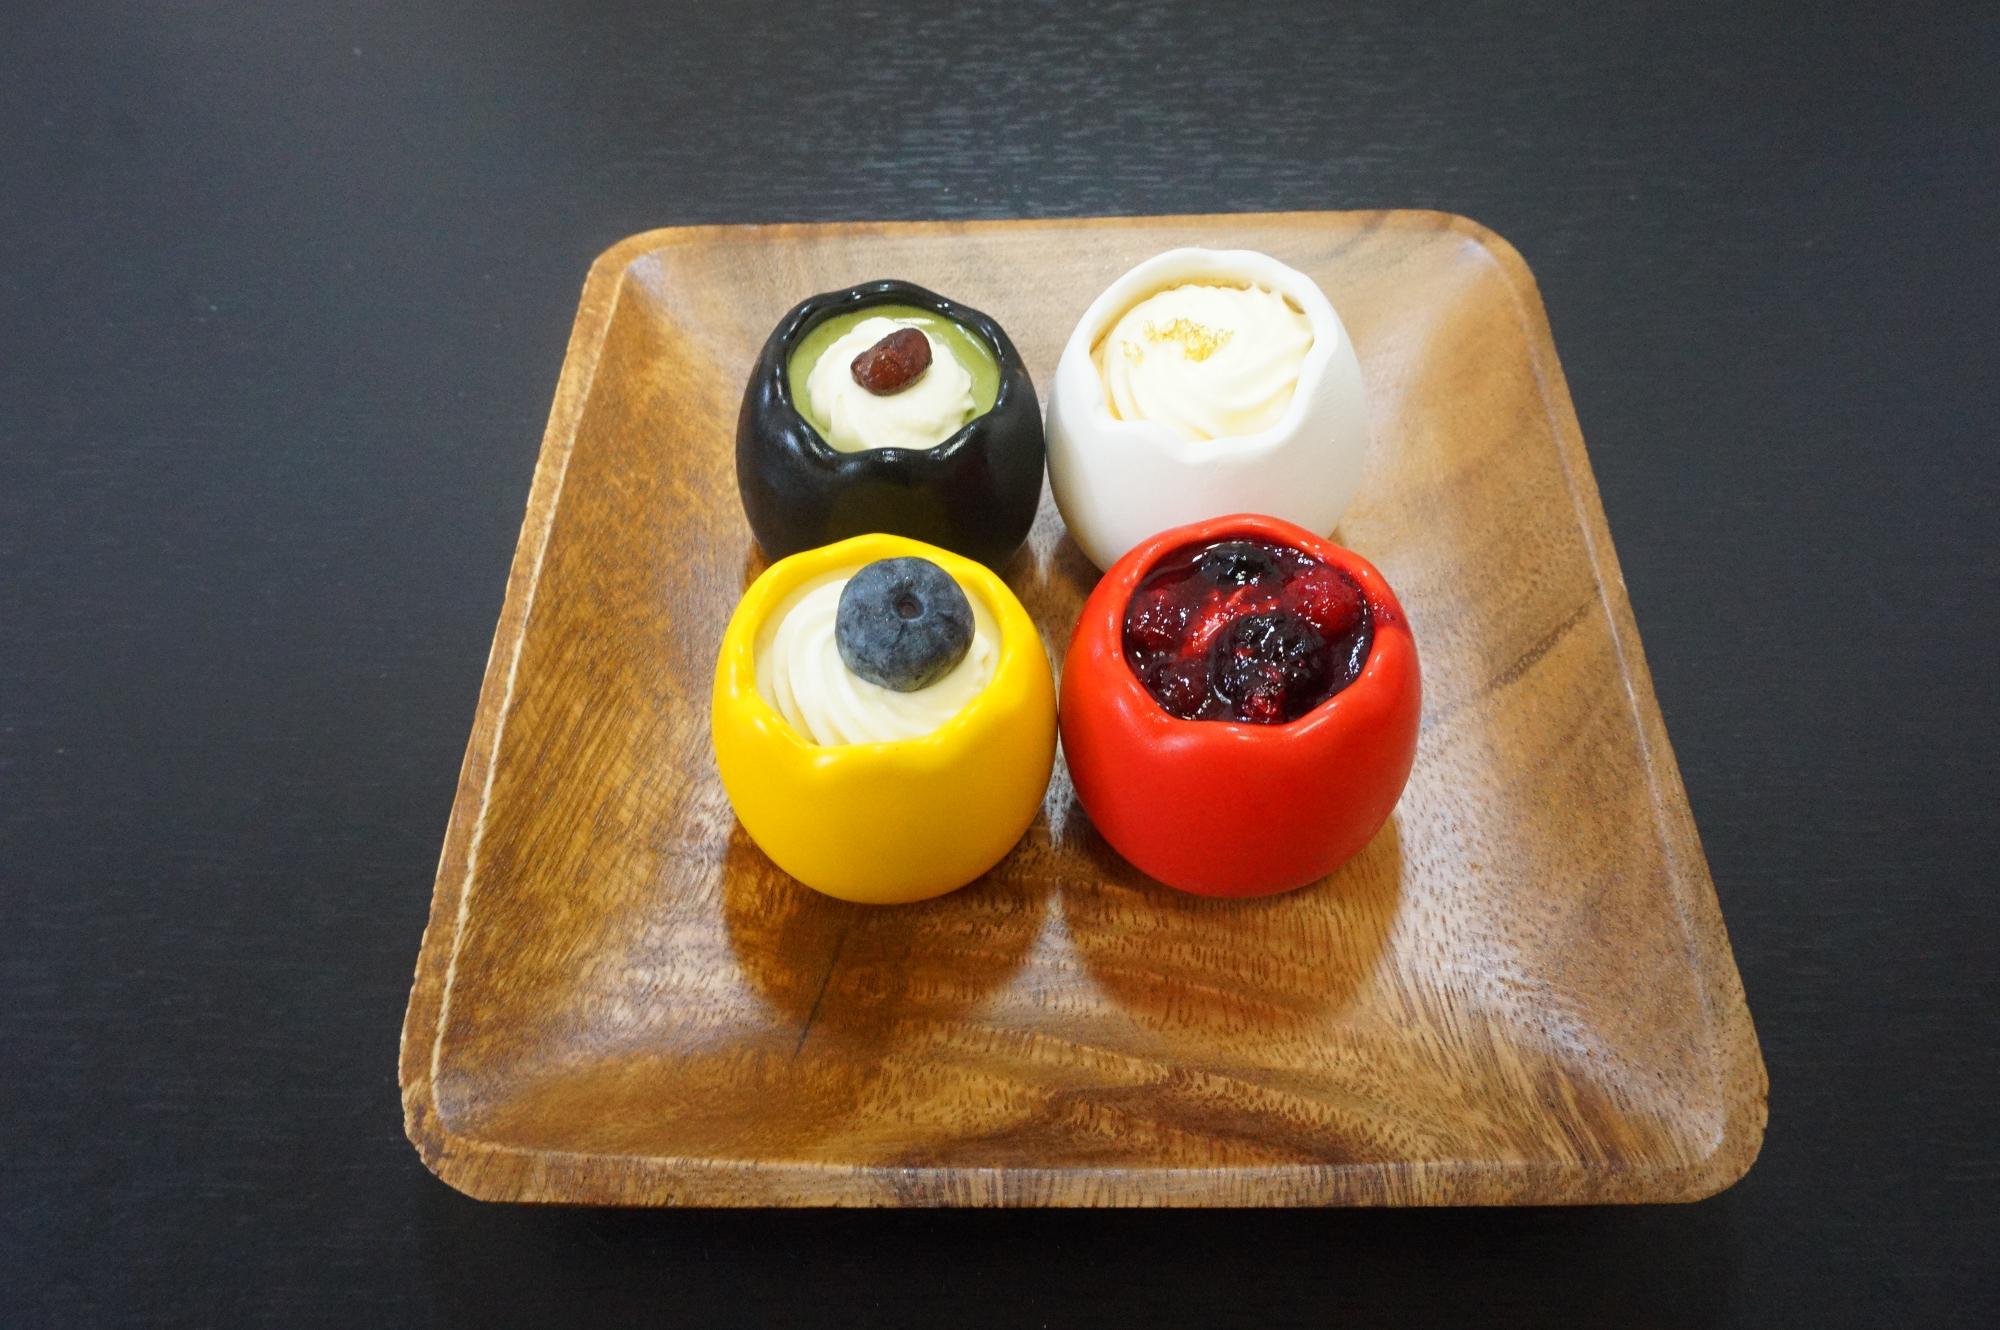 左上『抹茶』 右上『卵黄』 左下『クリームチーズ』 右下『ベリー』